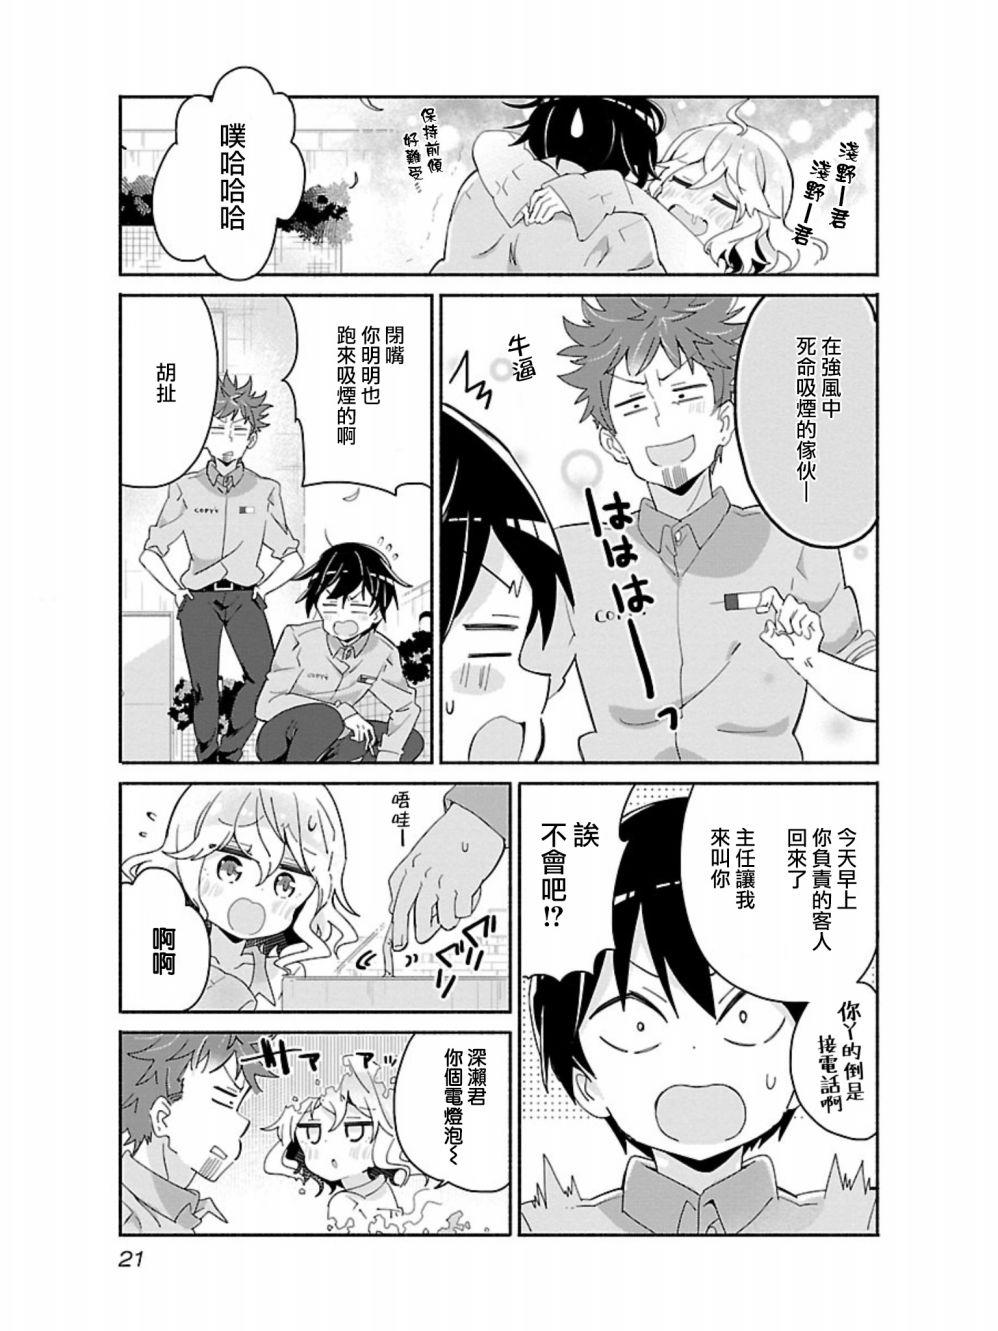 【漫画更新】香煙少女 第十六話香煙少女和秋日晴空